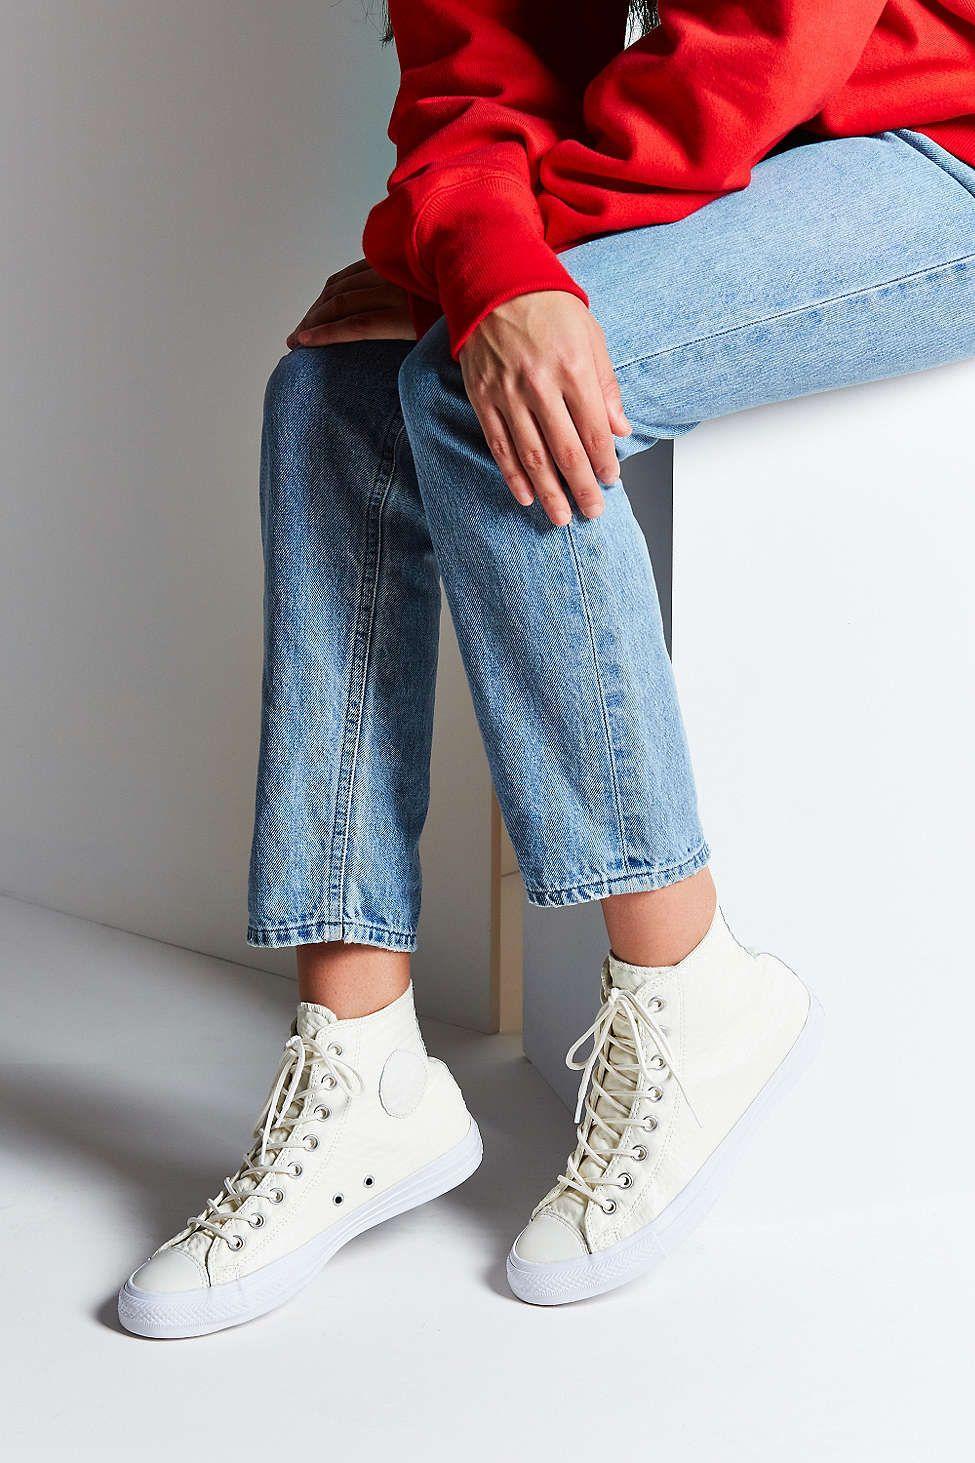 Mandrin Inverse Taylor Tous Les Bateaux Étoile Sneaker Haut (des Femmes) Vente Pas Cher Grand 2018 Nouvelle Vente En Ligne 100% Garantie De Vente En Ligne Très Bon Marché BQAmCGA0